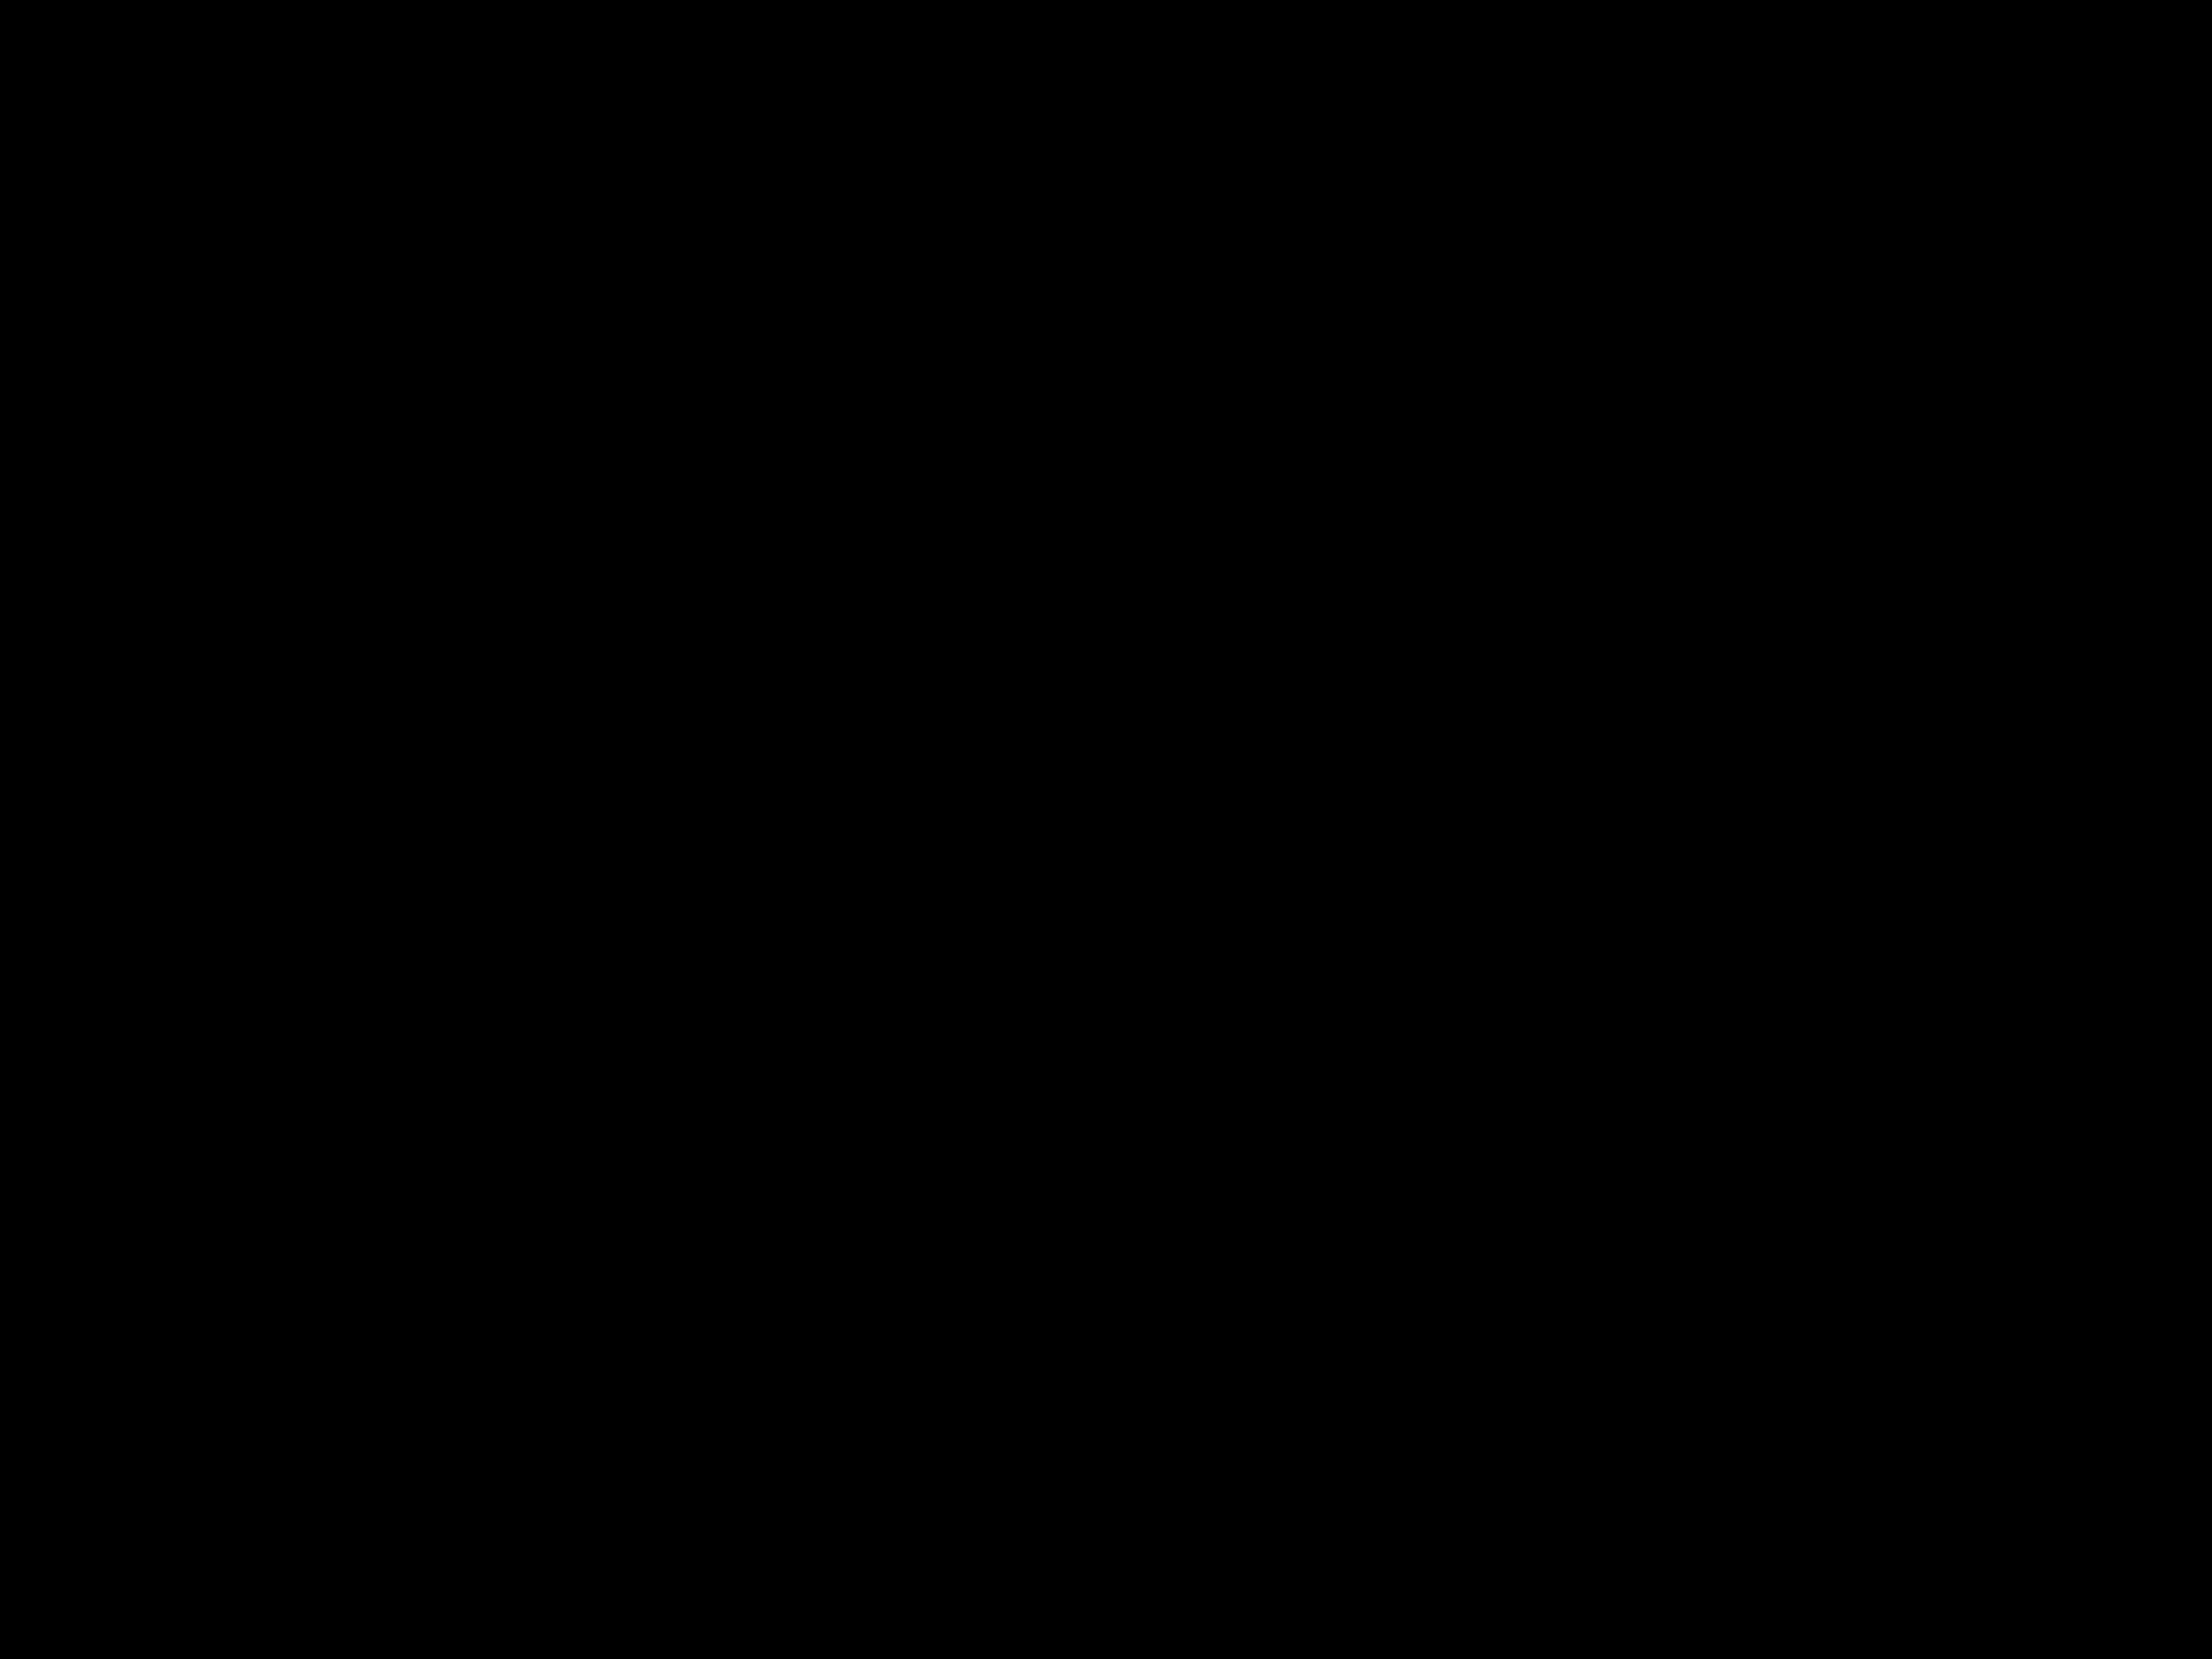 Dot clipart pop art. Lichtenstein halftone style icons